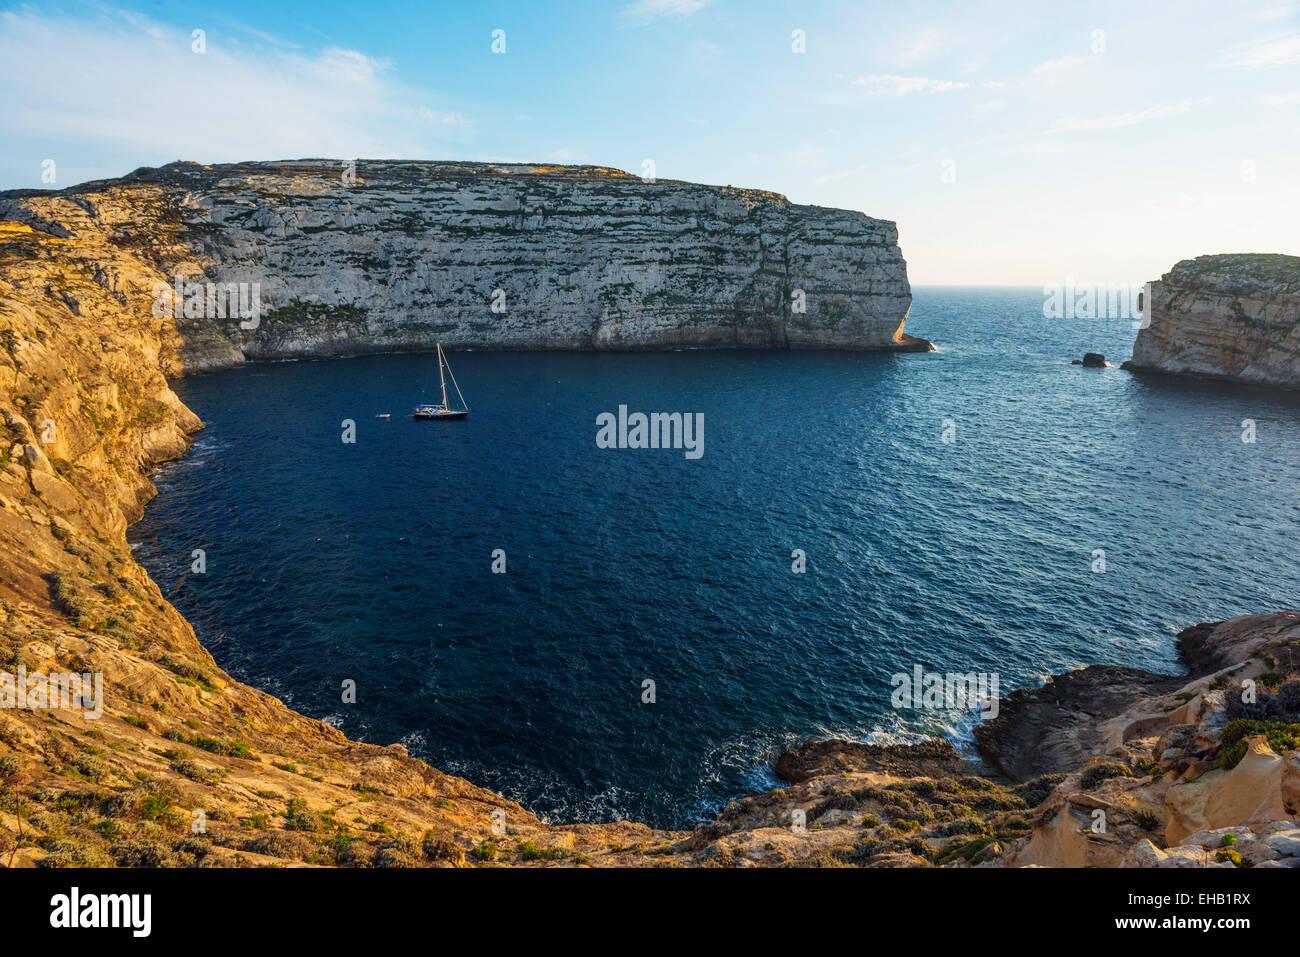 Mediterranean Europe, Malta, Gozo Island, Dwerja Bay - Stock Image